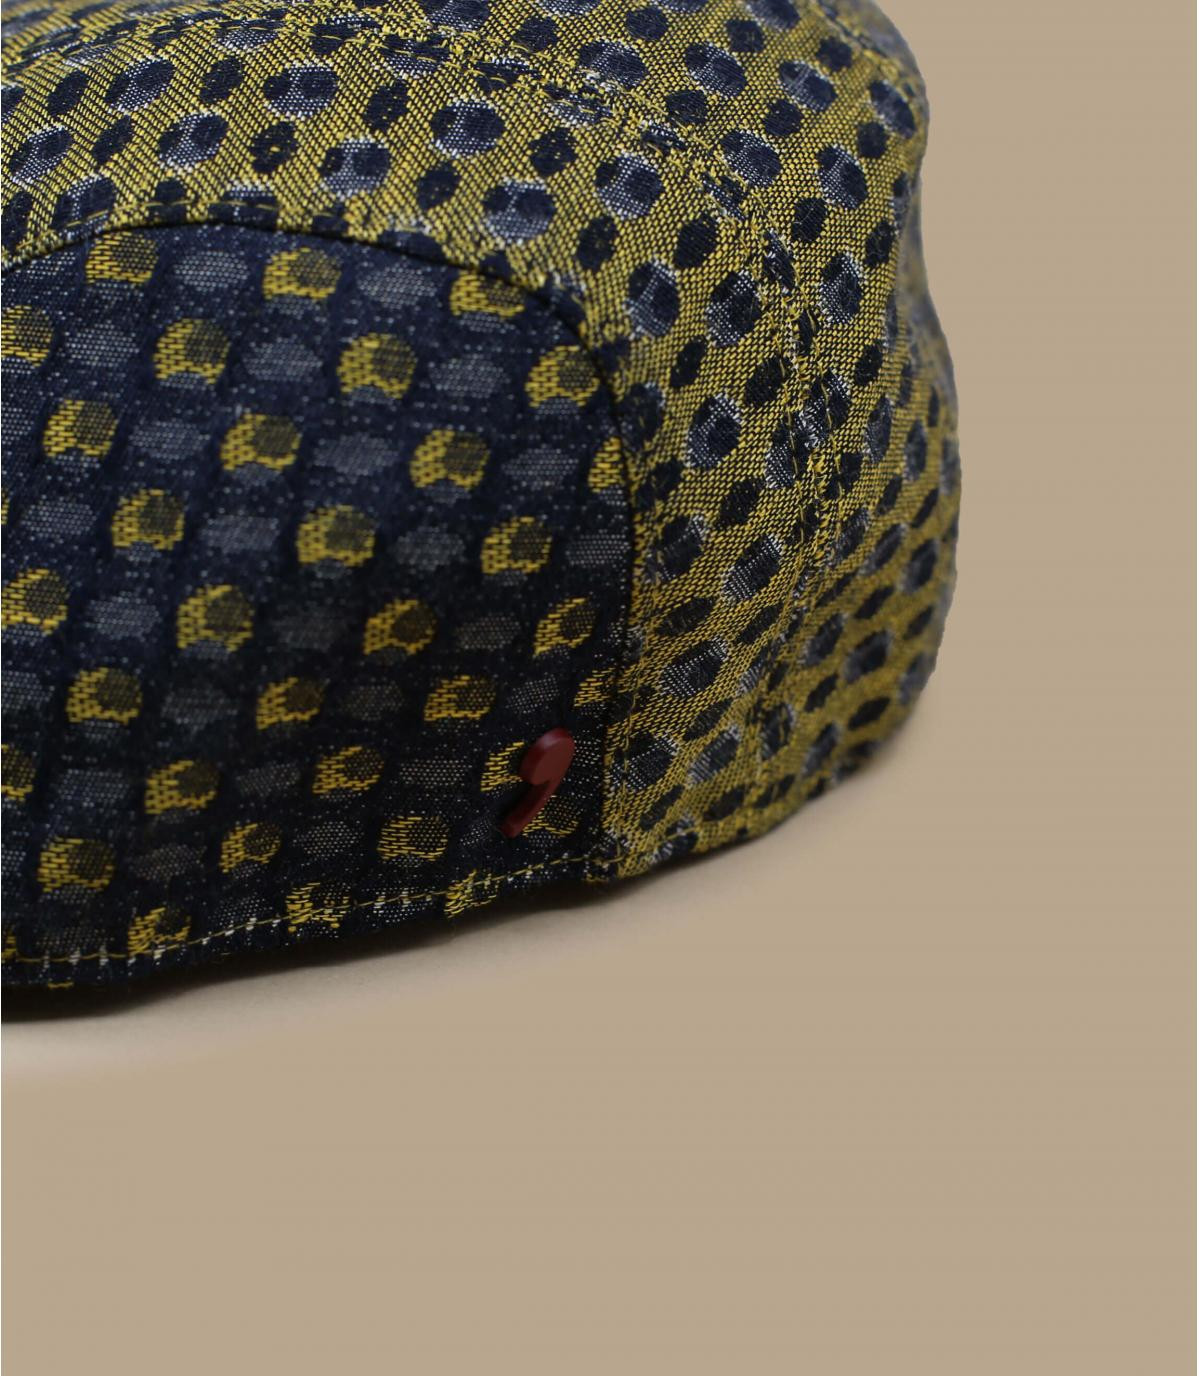 Détails John  yellow blue - image 2